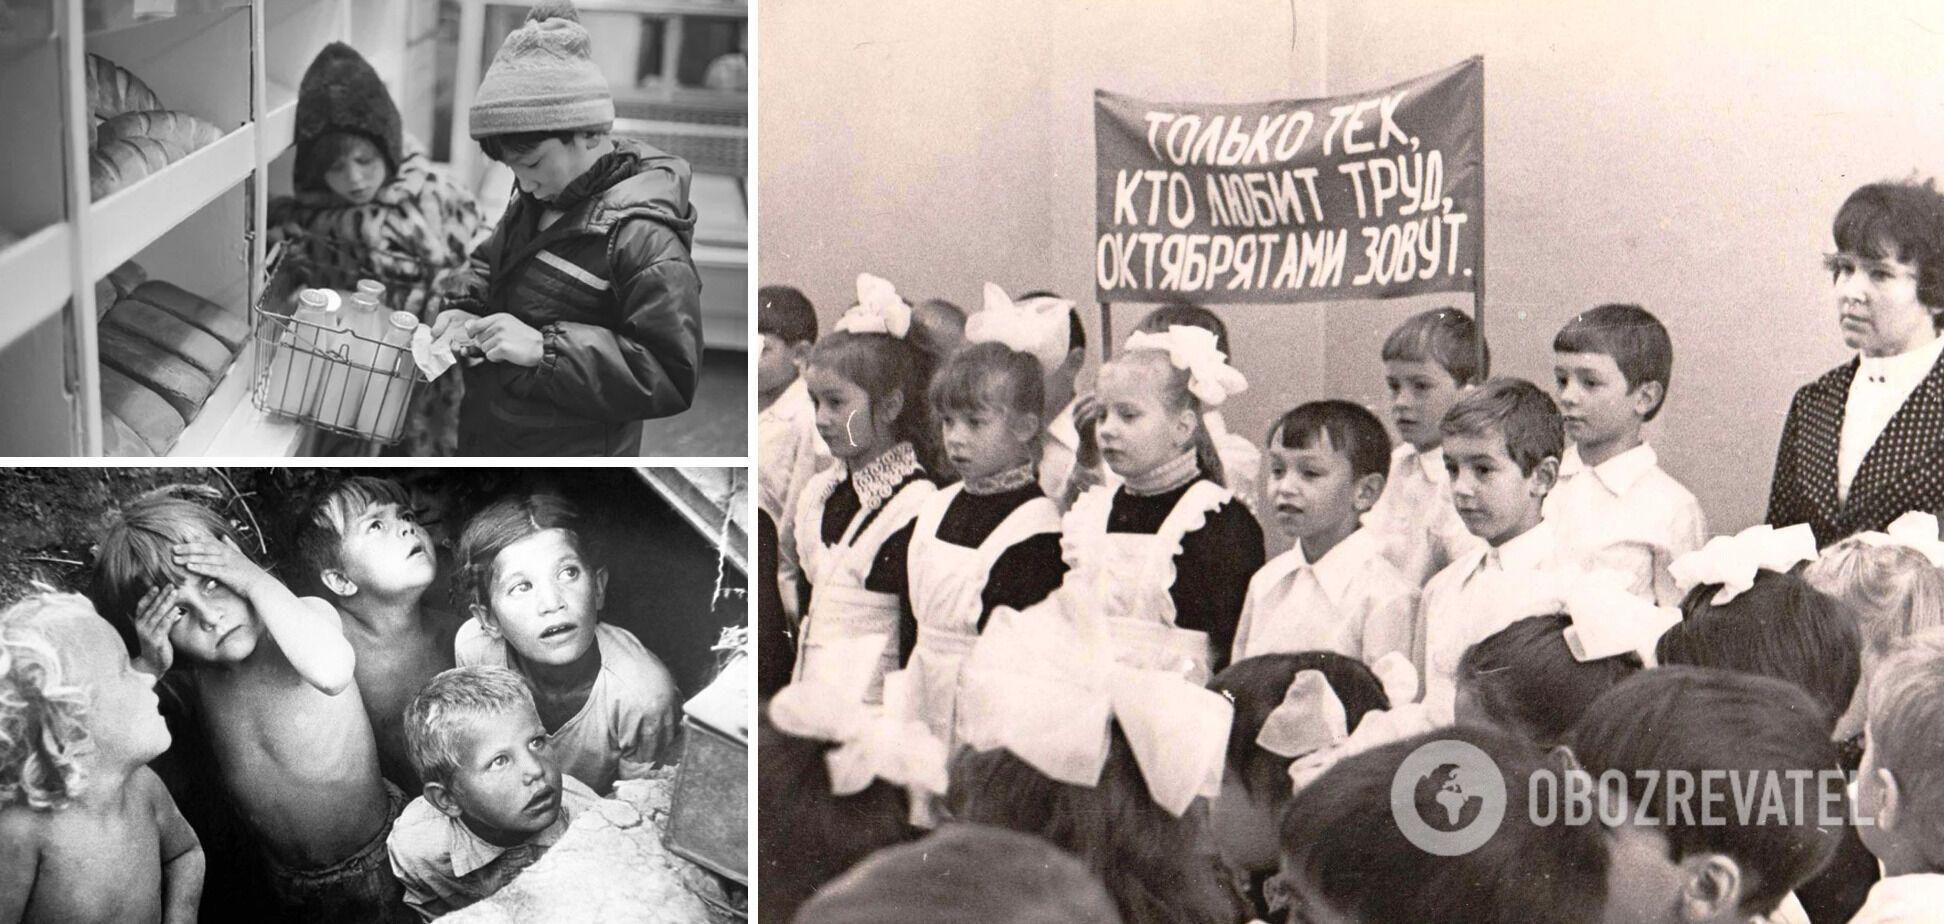 Маленькі дорослі в країні вкраденого дитинства